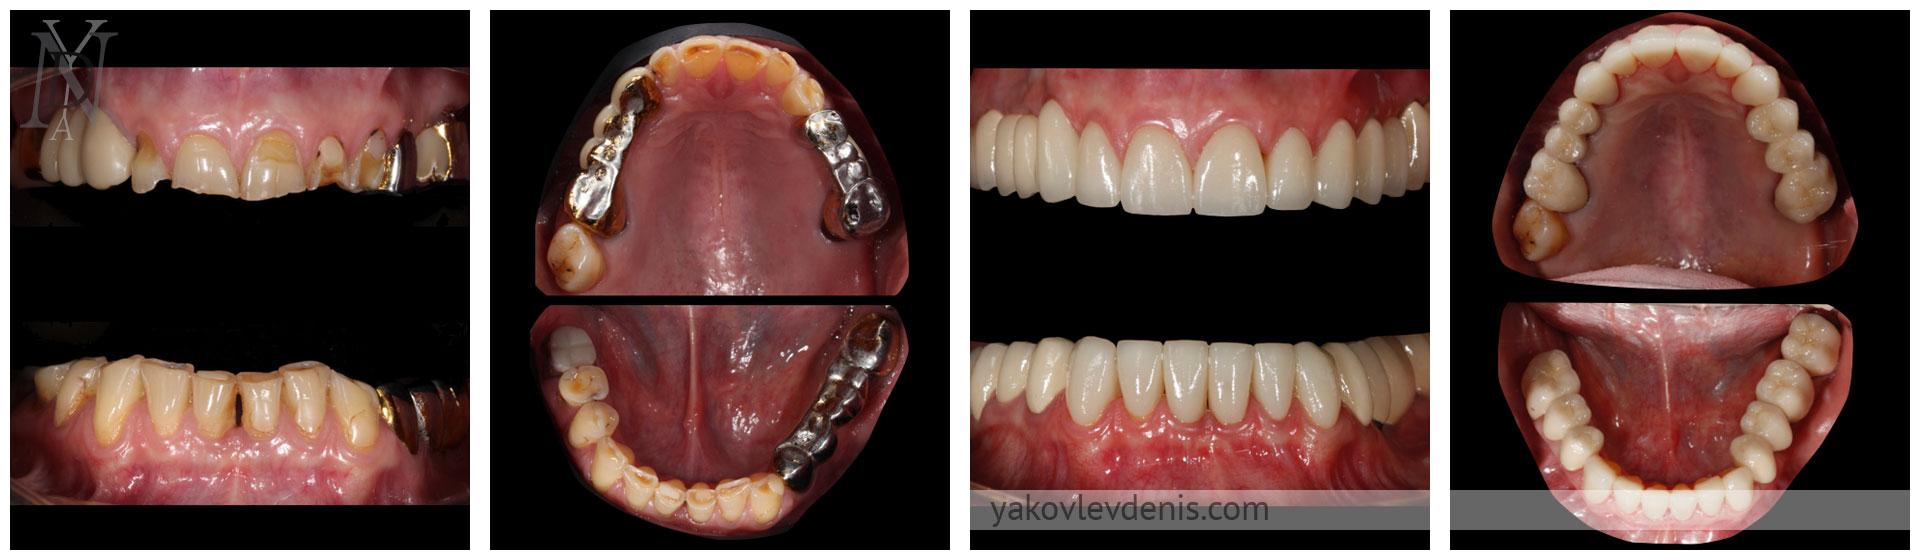 Комплексное-восстановление-зубных-рядов-09